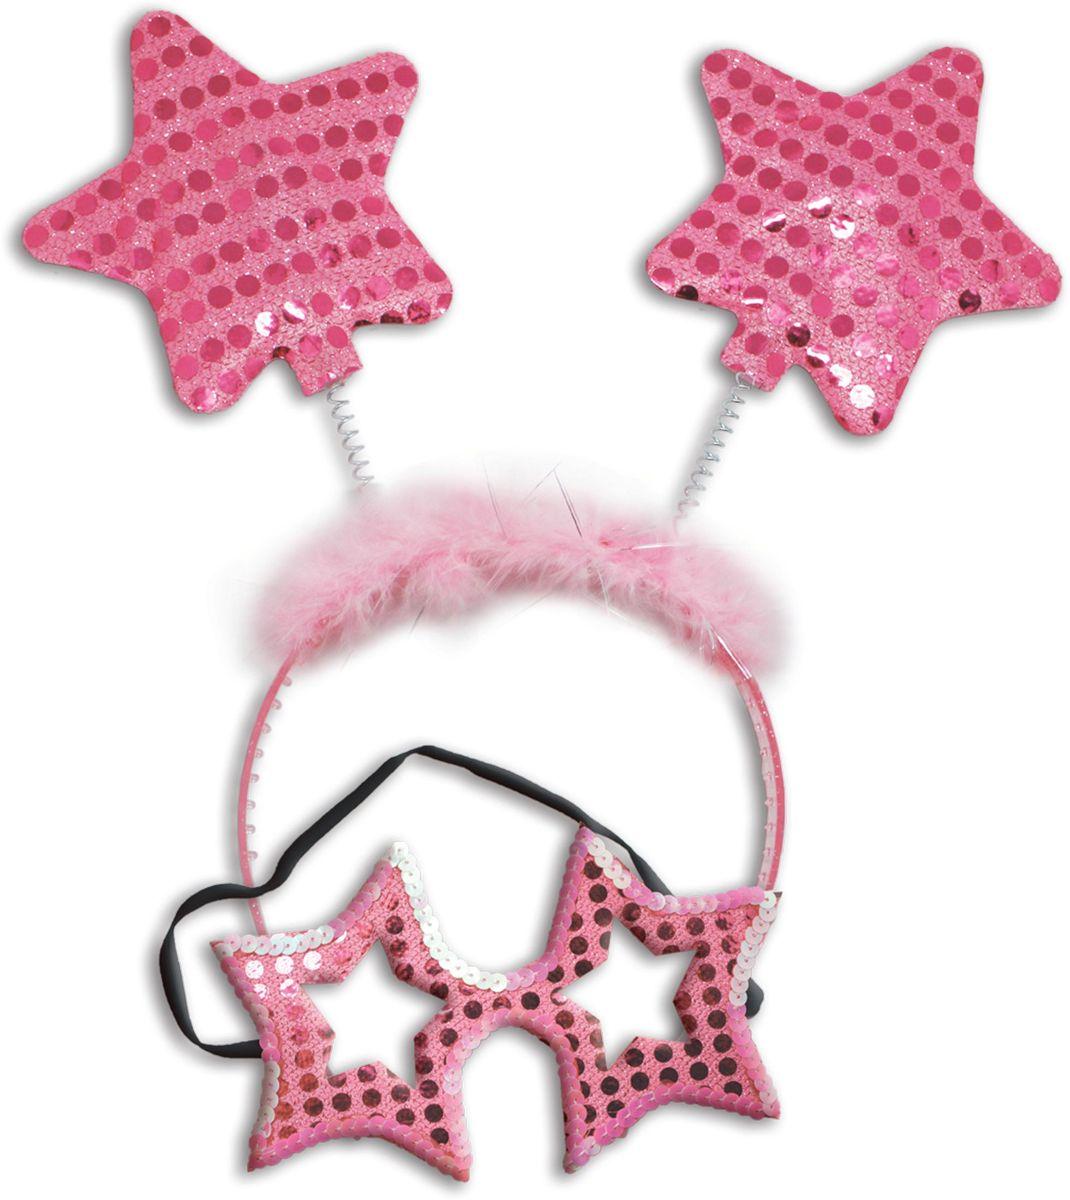 Partymania Карнавальный набор Маска и ободок со звездочками цвет светло-розовый -  Аксессуры для карнавальных костюмов